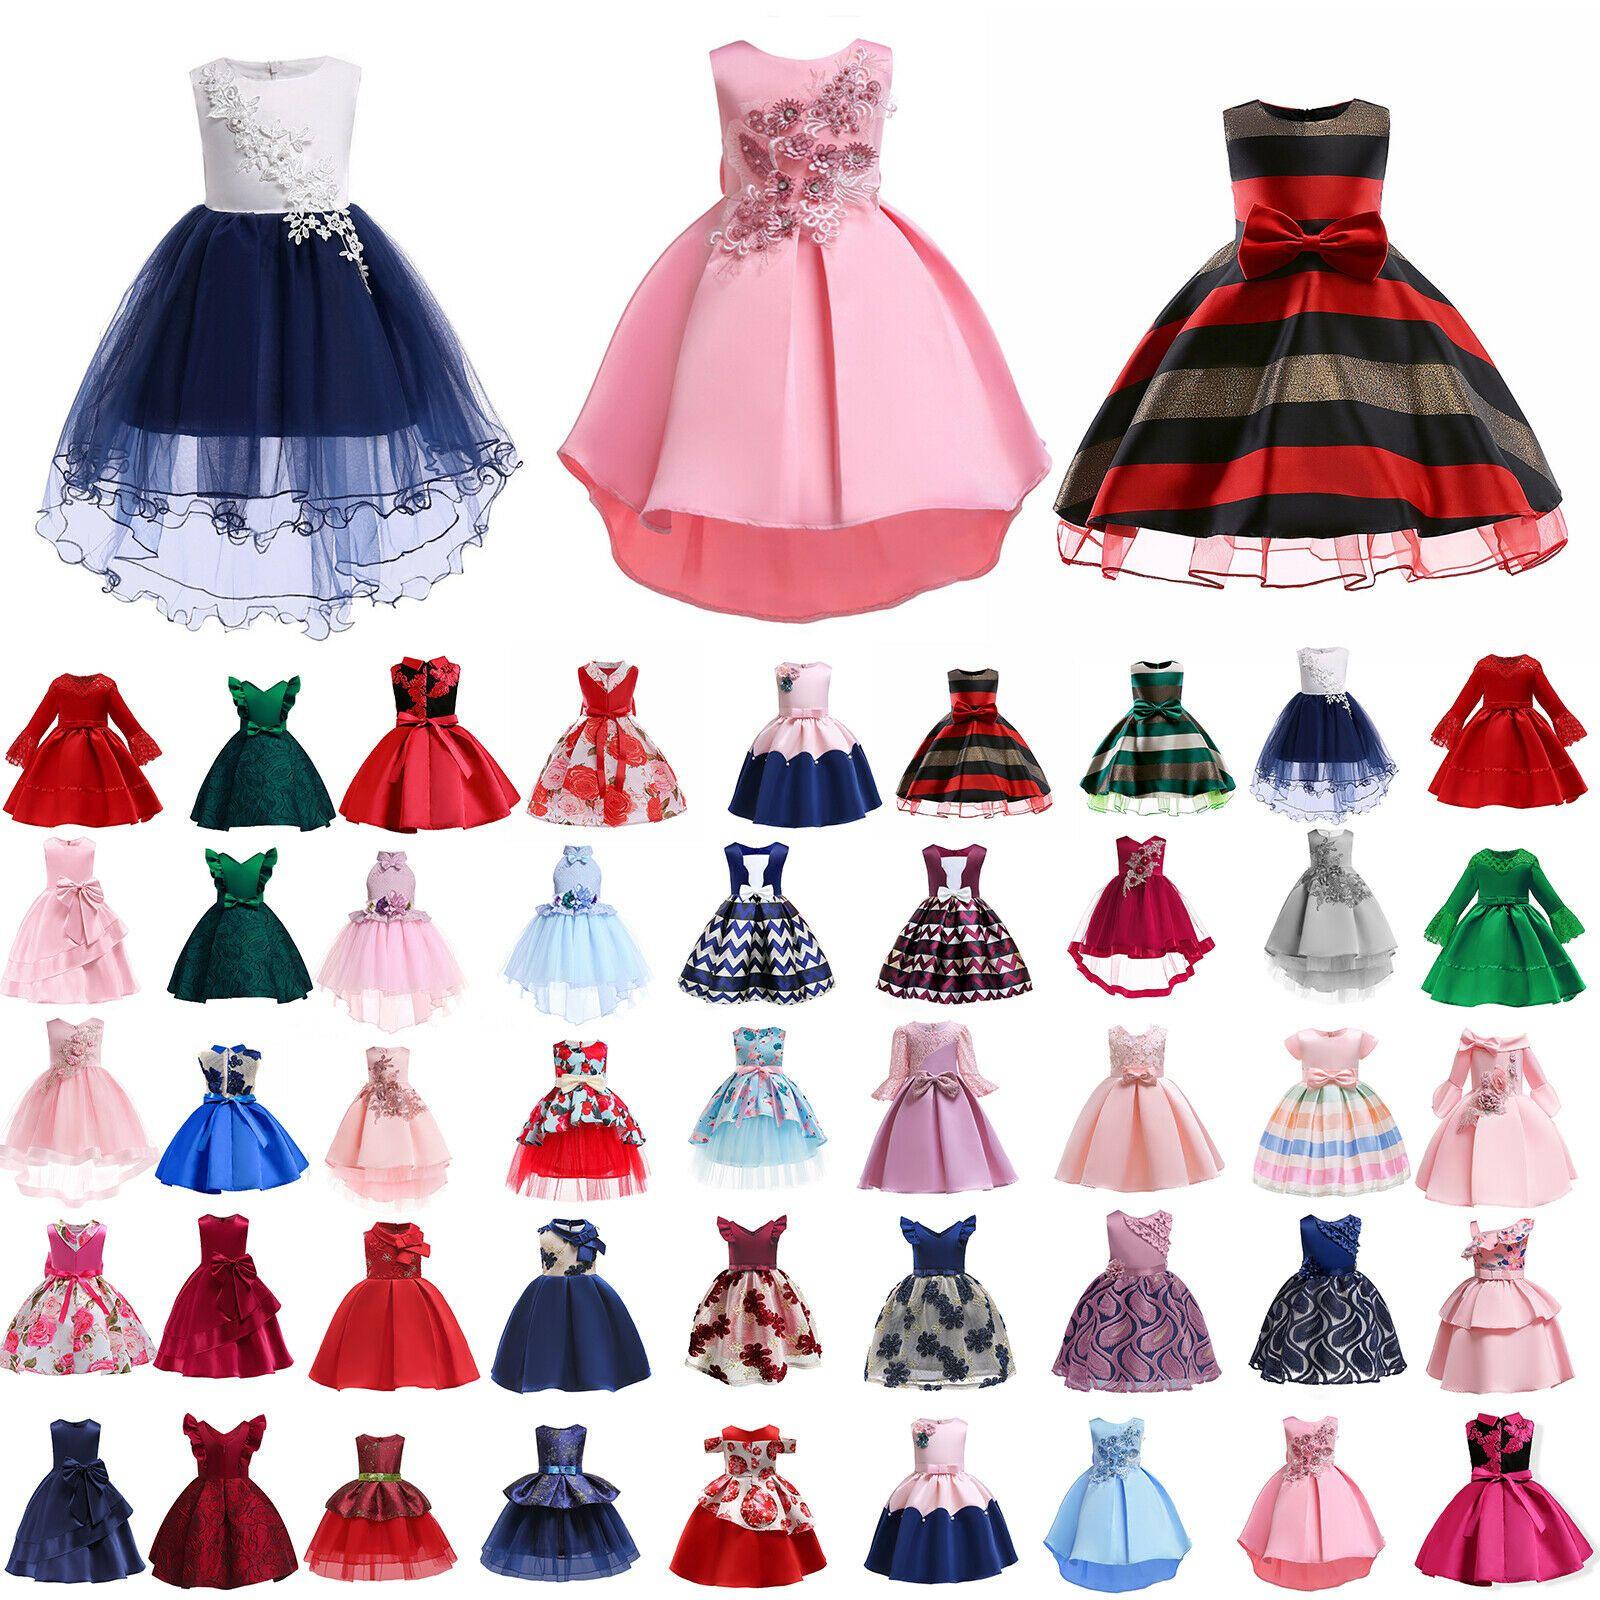 Kinder Mädchen Prinzessin Kleider Festkleid Hochzeit